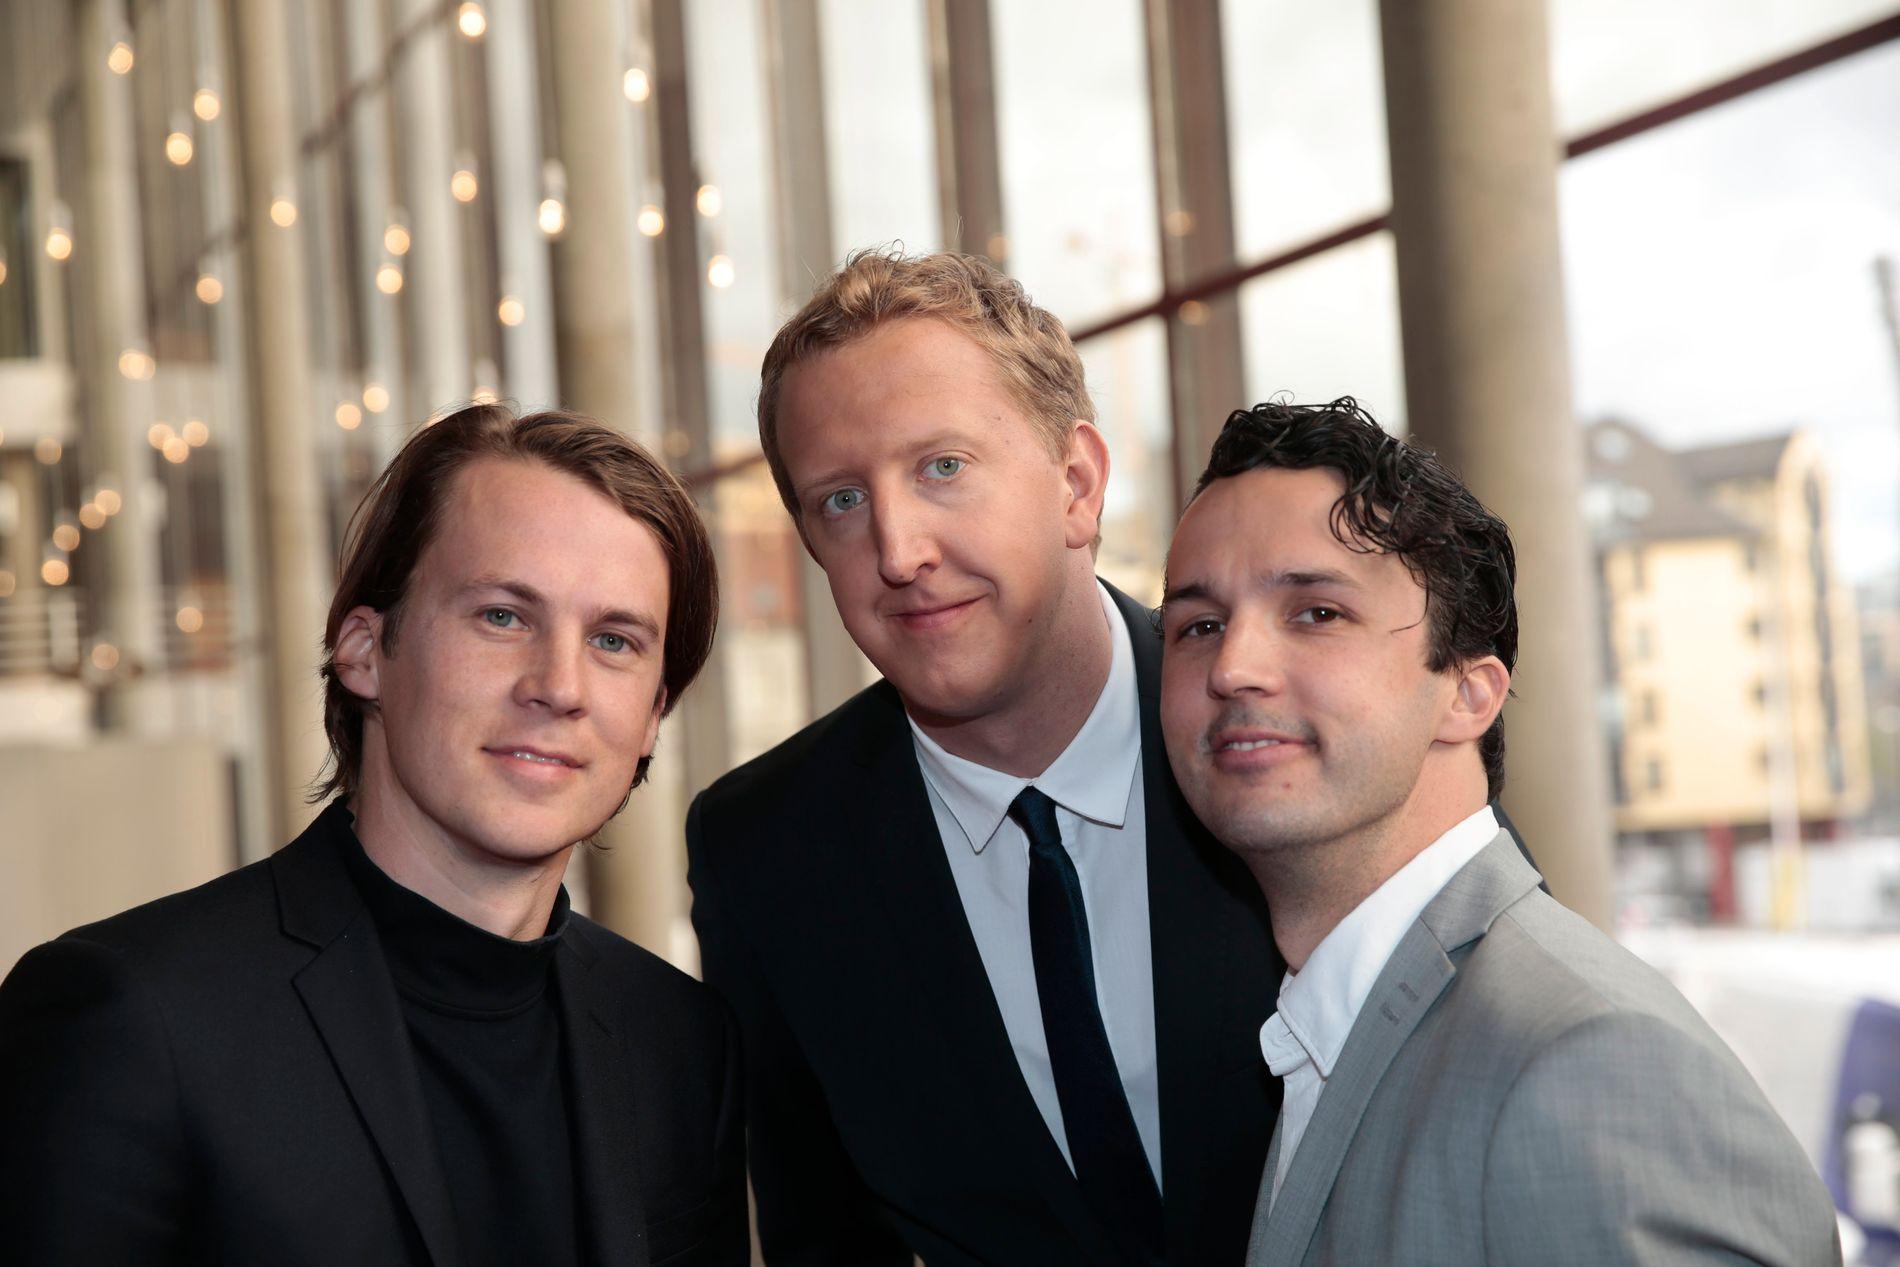 INGEN PRIS I ÅR: Ylvisbrødrene og Magnus Devold (i midten) var blant de nominerte på Gullruten.